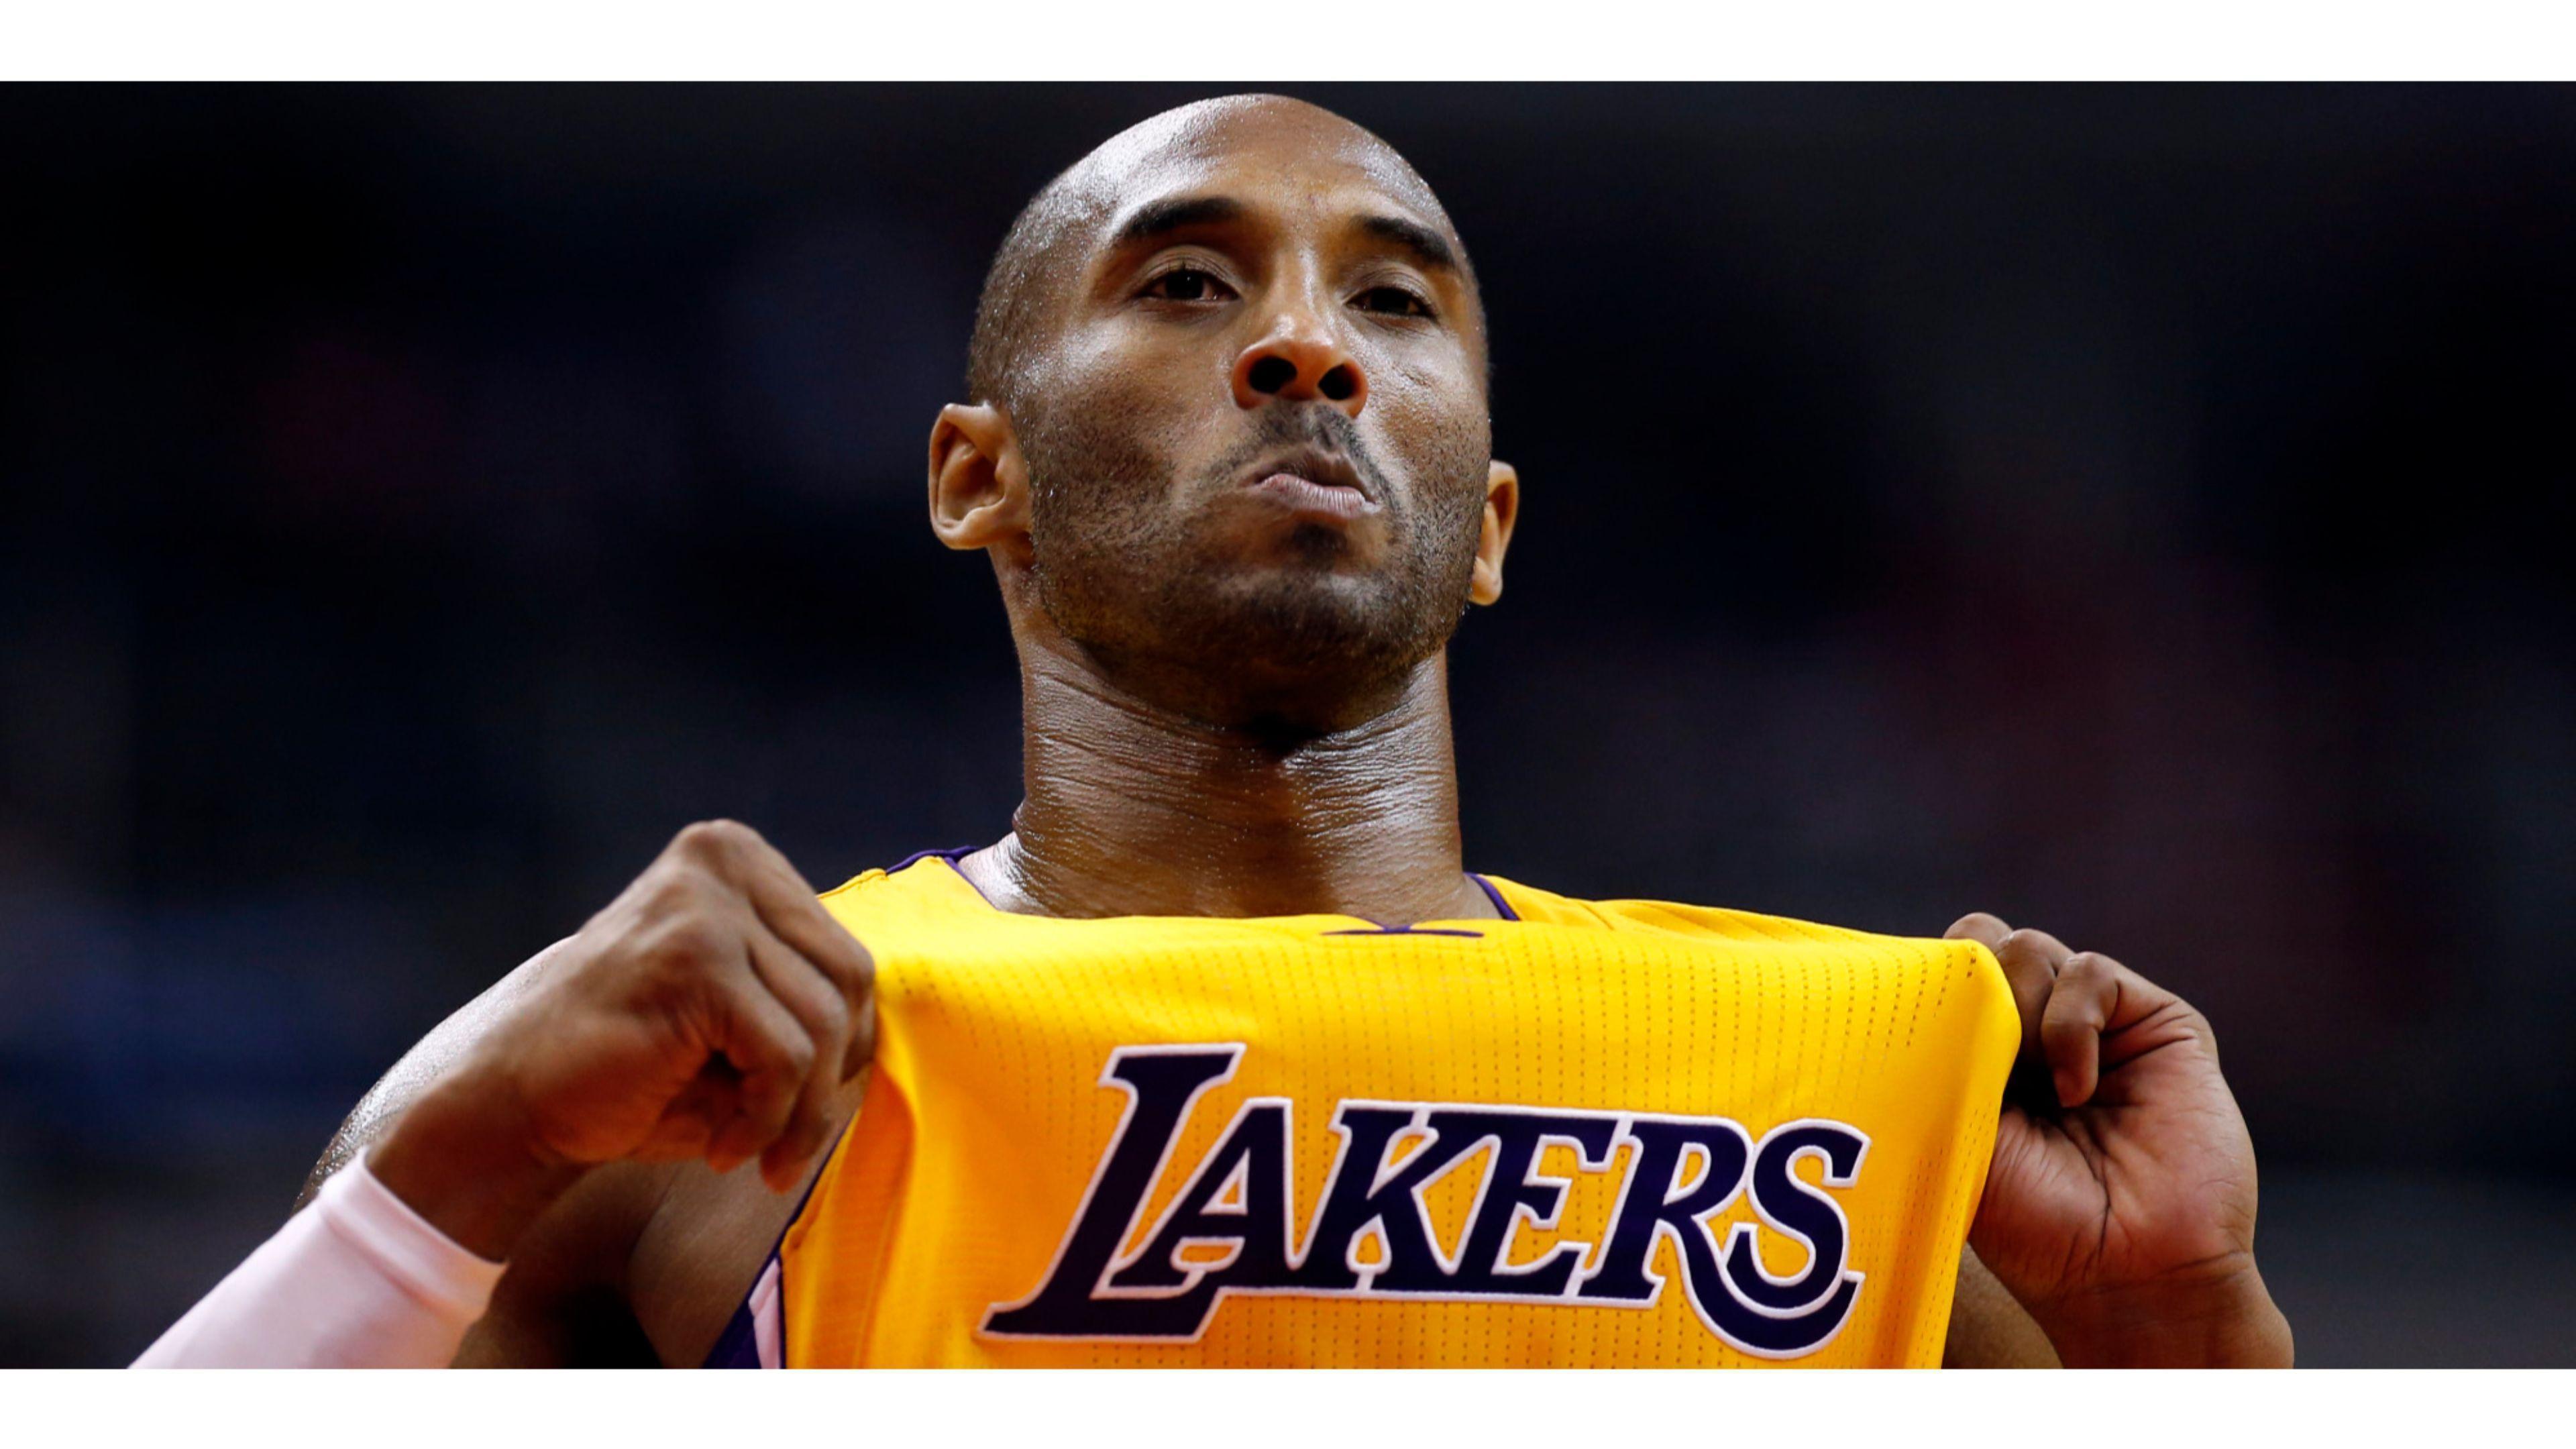 Kobe Bean Bryant Philadelphia Pennsylvania 23 augustus 1978 is een Amerikaans voormalig basketbalspeler Hij speelde gedurende heel zijn twintigjarige carrière